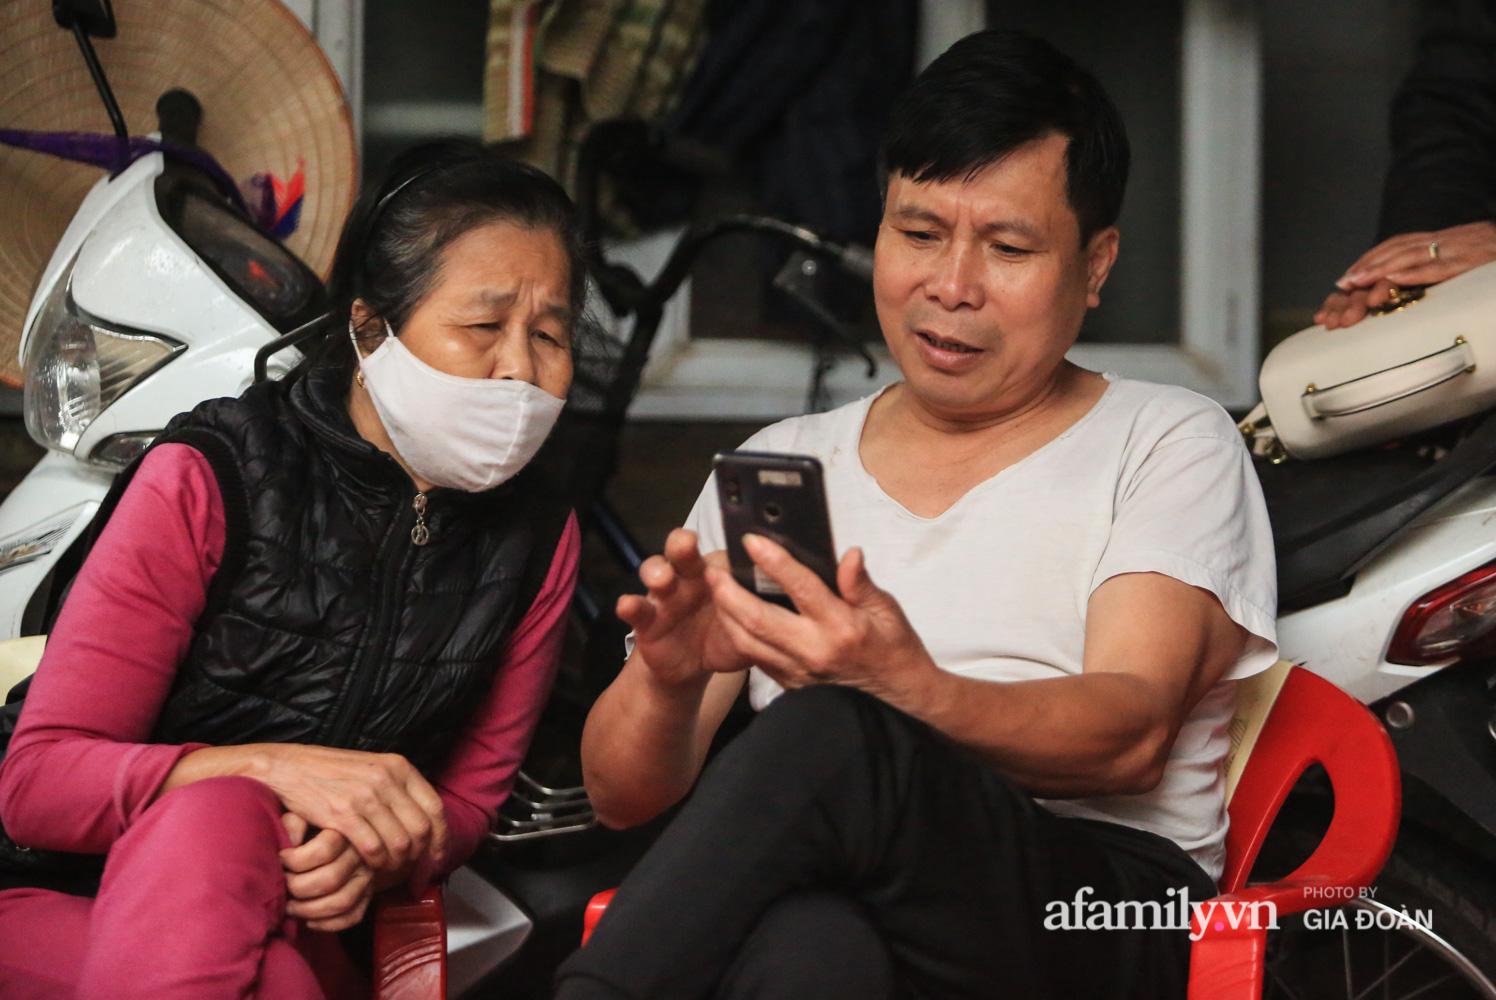 """Mẹ """"siêu anh hùng"""" cứu bé gái rơi từ tầng 13 chung cư xuống ở Hà Nội: """"Con về vội ôm hai đứa nhỏ khóc, hai hàng nước mắt tôi cứ chảy ra chứ chưa hiểu chuyện gì xảy ra"""" - Ảnh 4."""